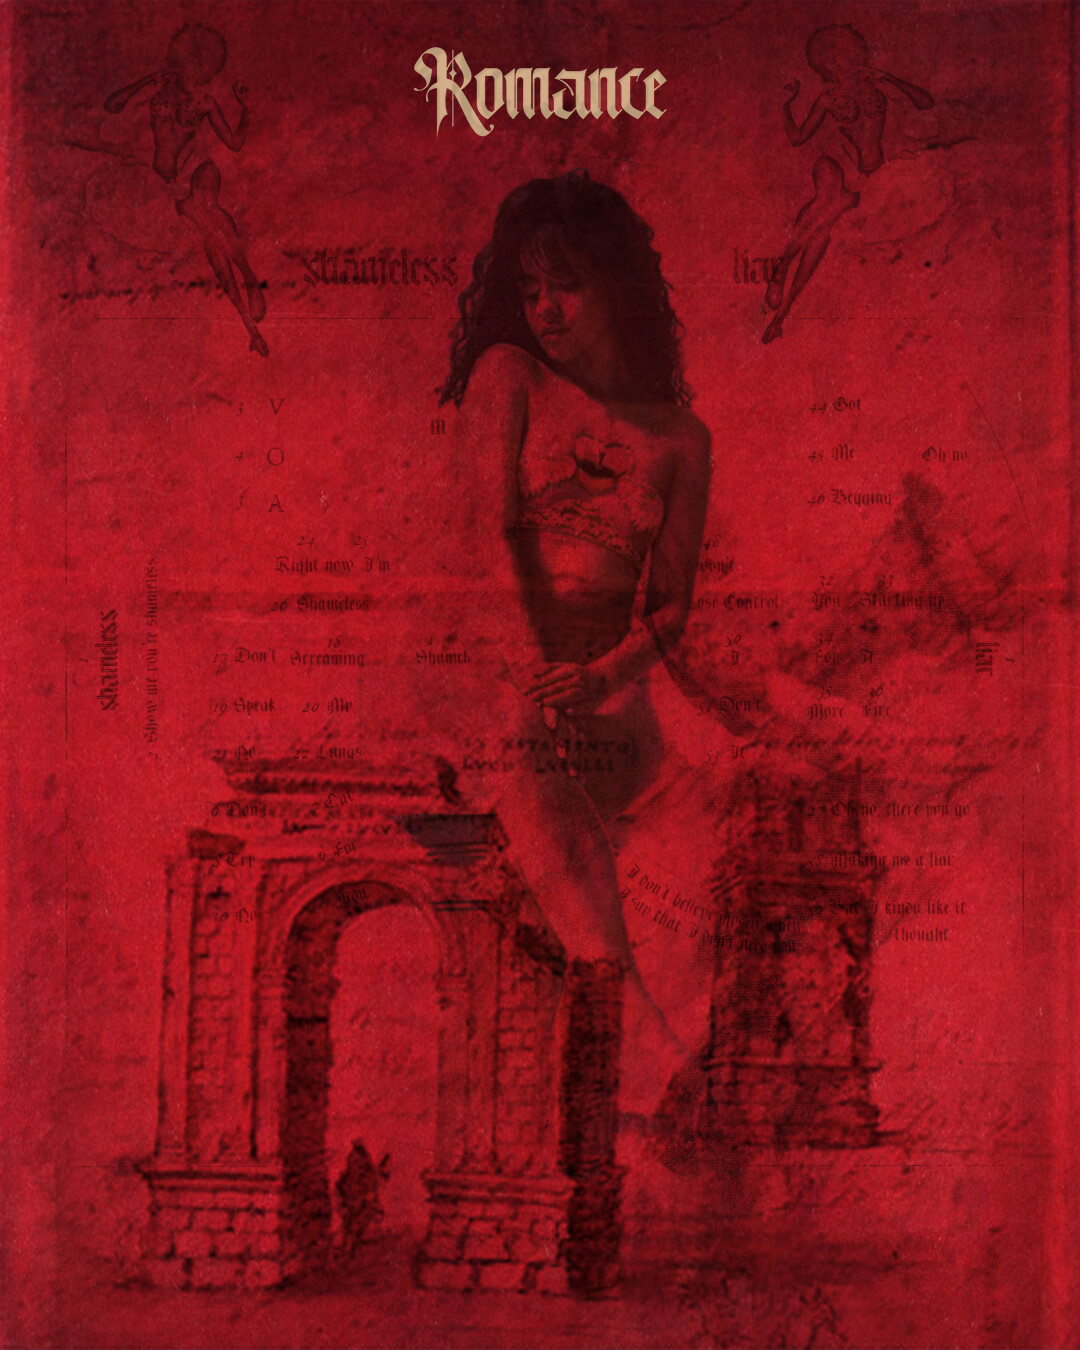 camilla cabello romance poster inspired